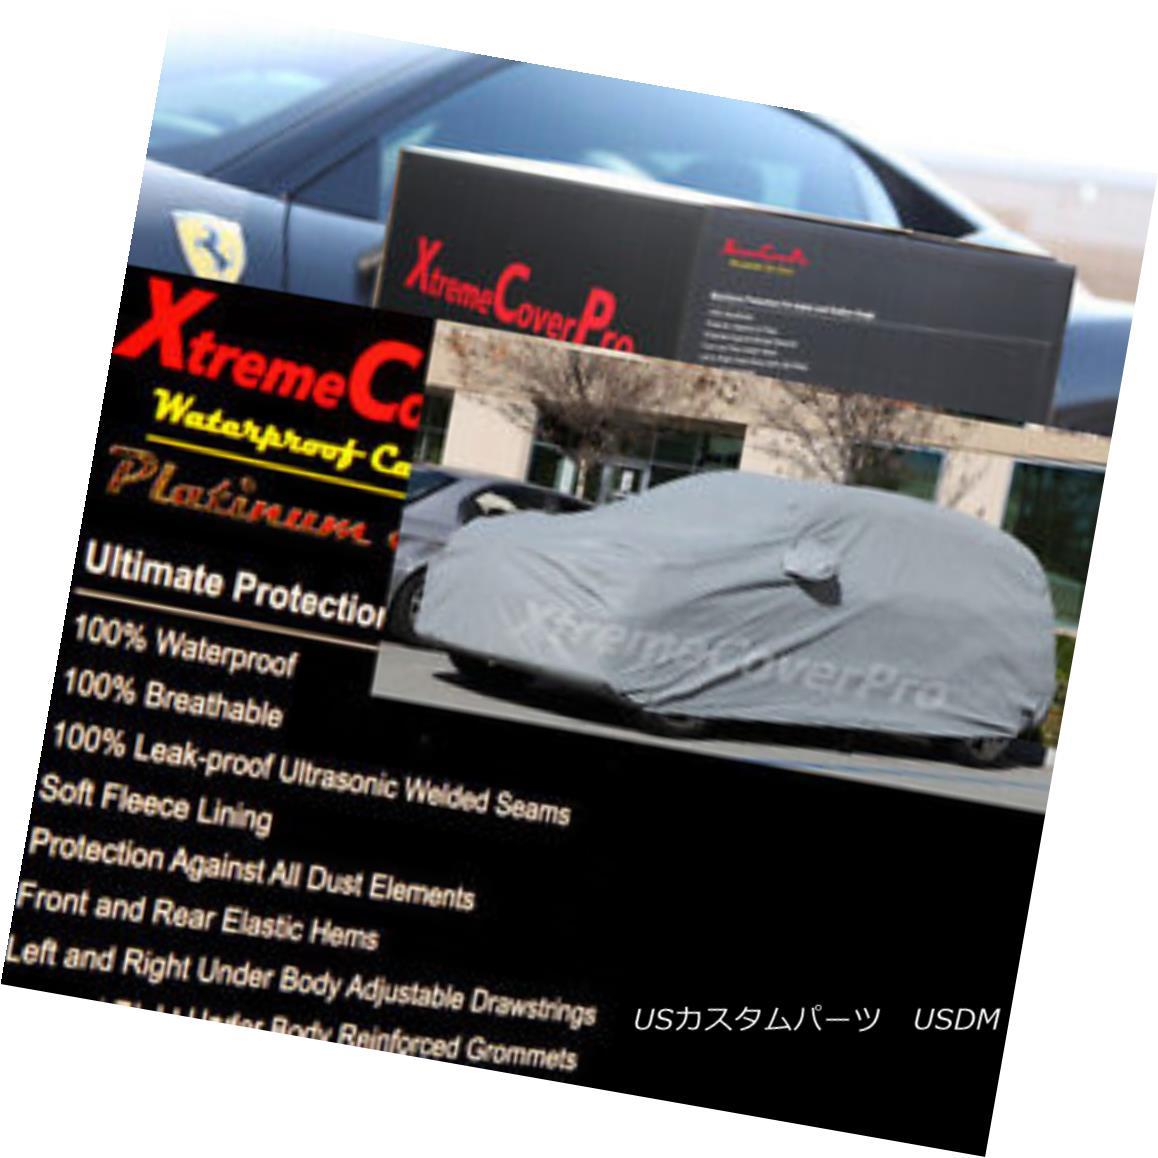 カーカバー 2002 2003 2004 Chevy TrailBlazer non-EXT Waterproof Car Cover w/MirrorPocket 2002年2003年2004シボレー・トレイルブレイザー非EXT防水カーカバー付き(MirrorPocket)